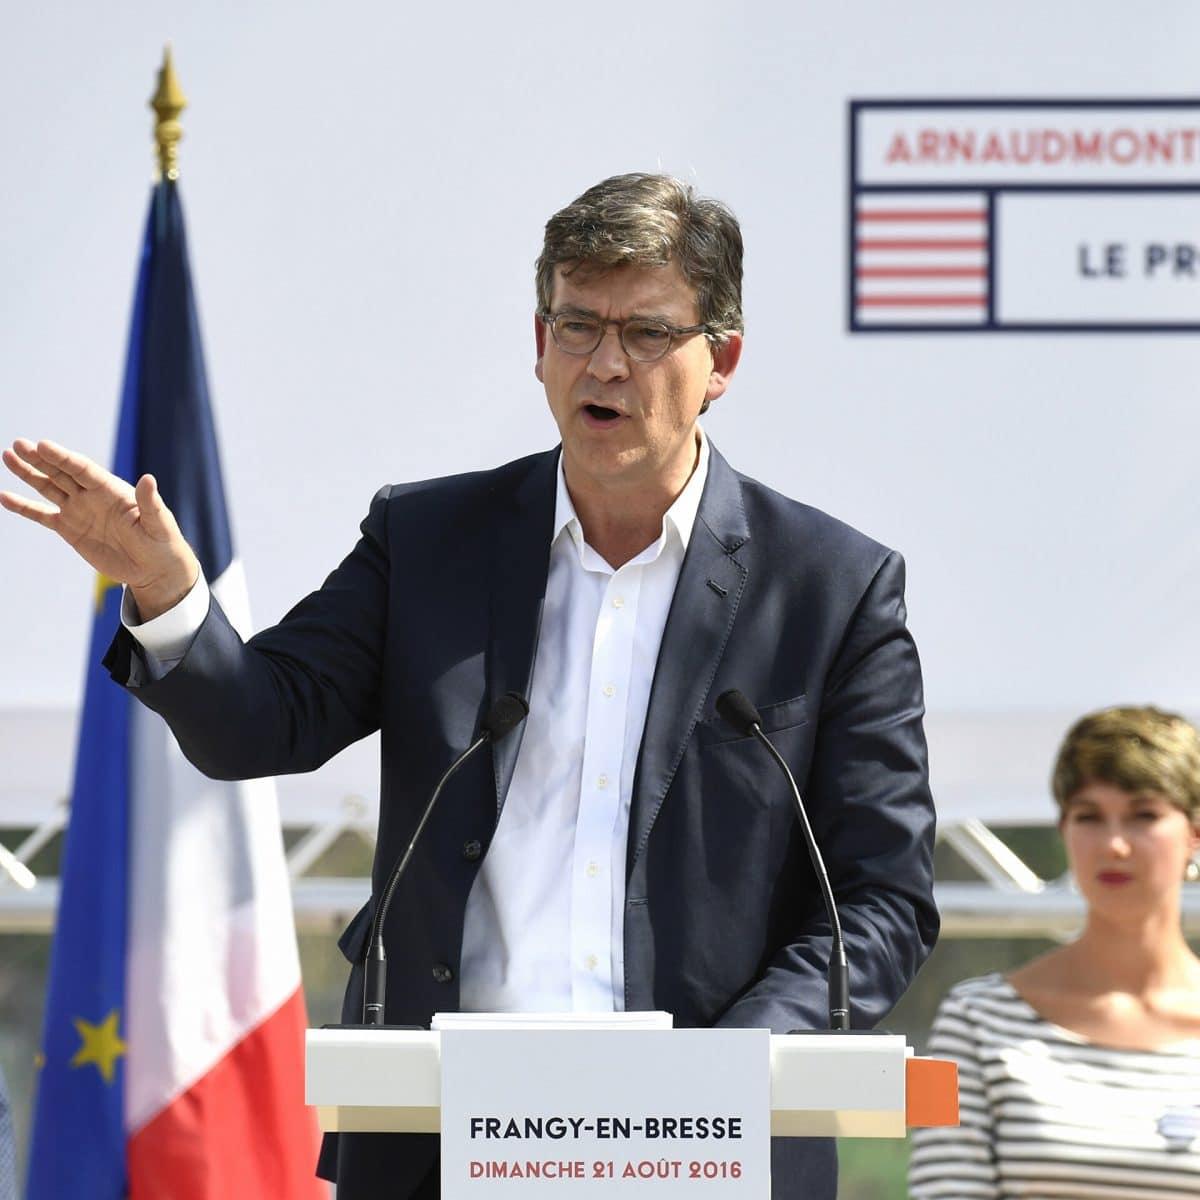 Présidentielle 2022 : Arnaud Montebourg accuse Emmanuel Macron d'avoir détruit le «made in France»!